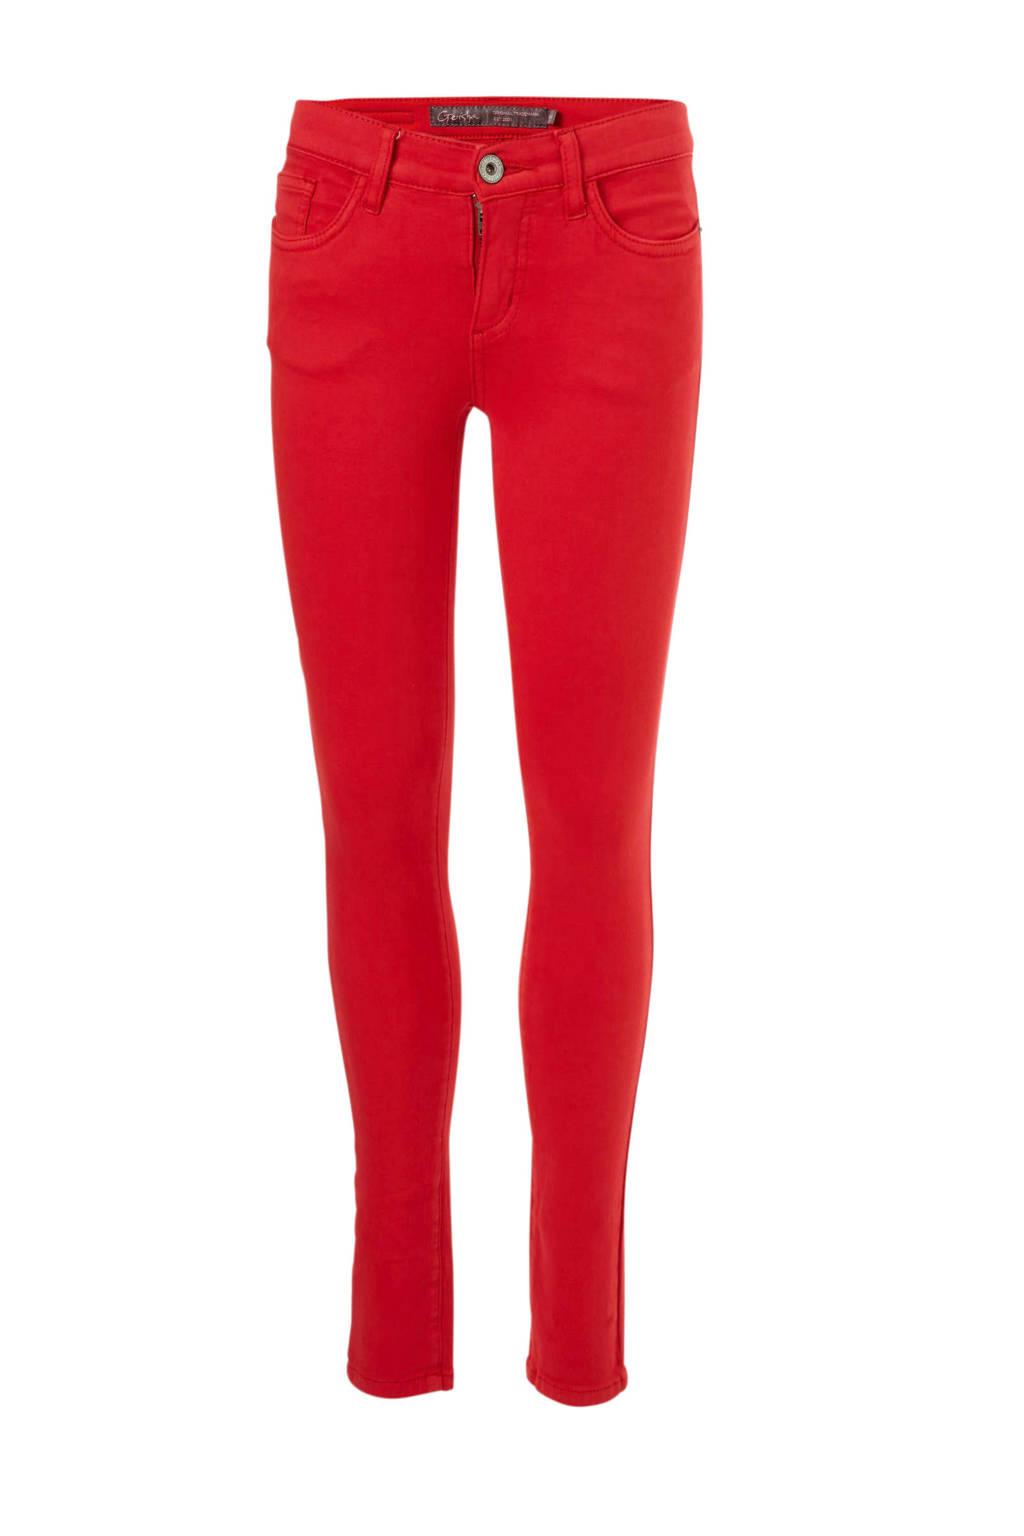 Geisha broek rood, Rood